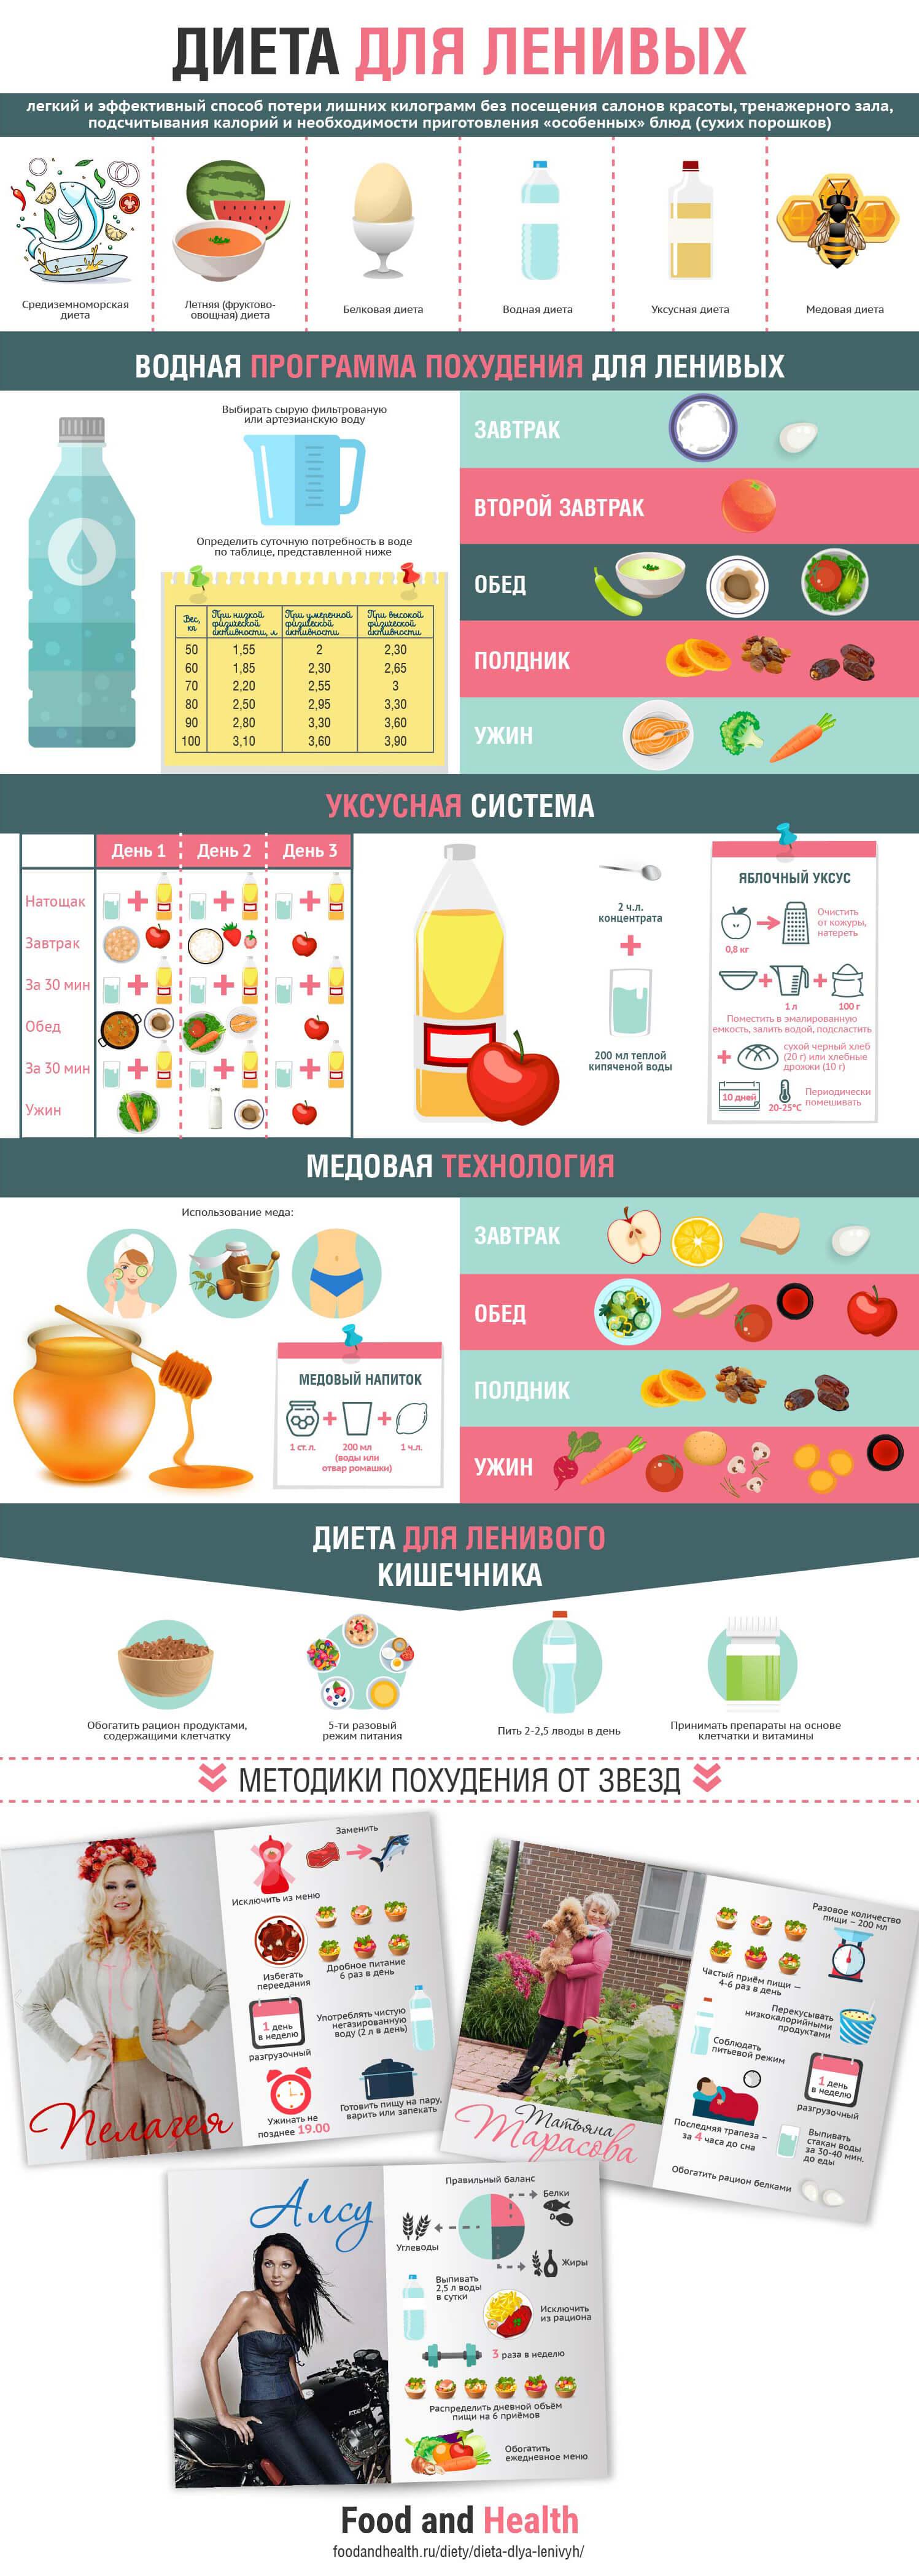 Диета для ленивых: инфографика